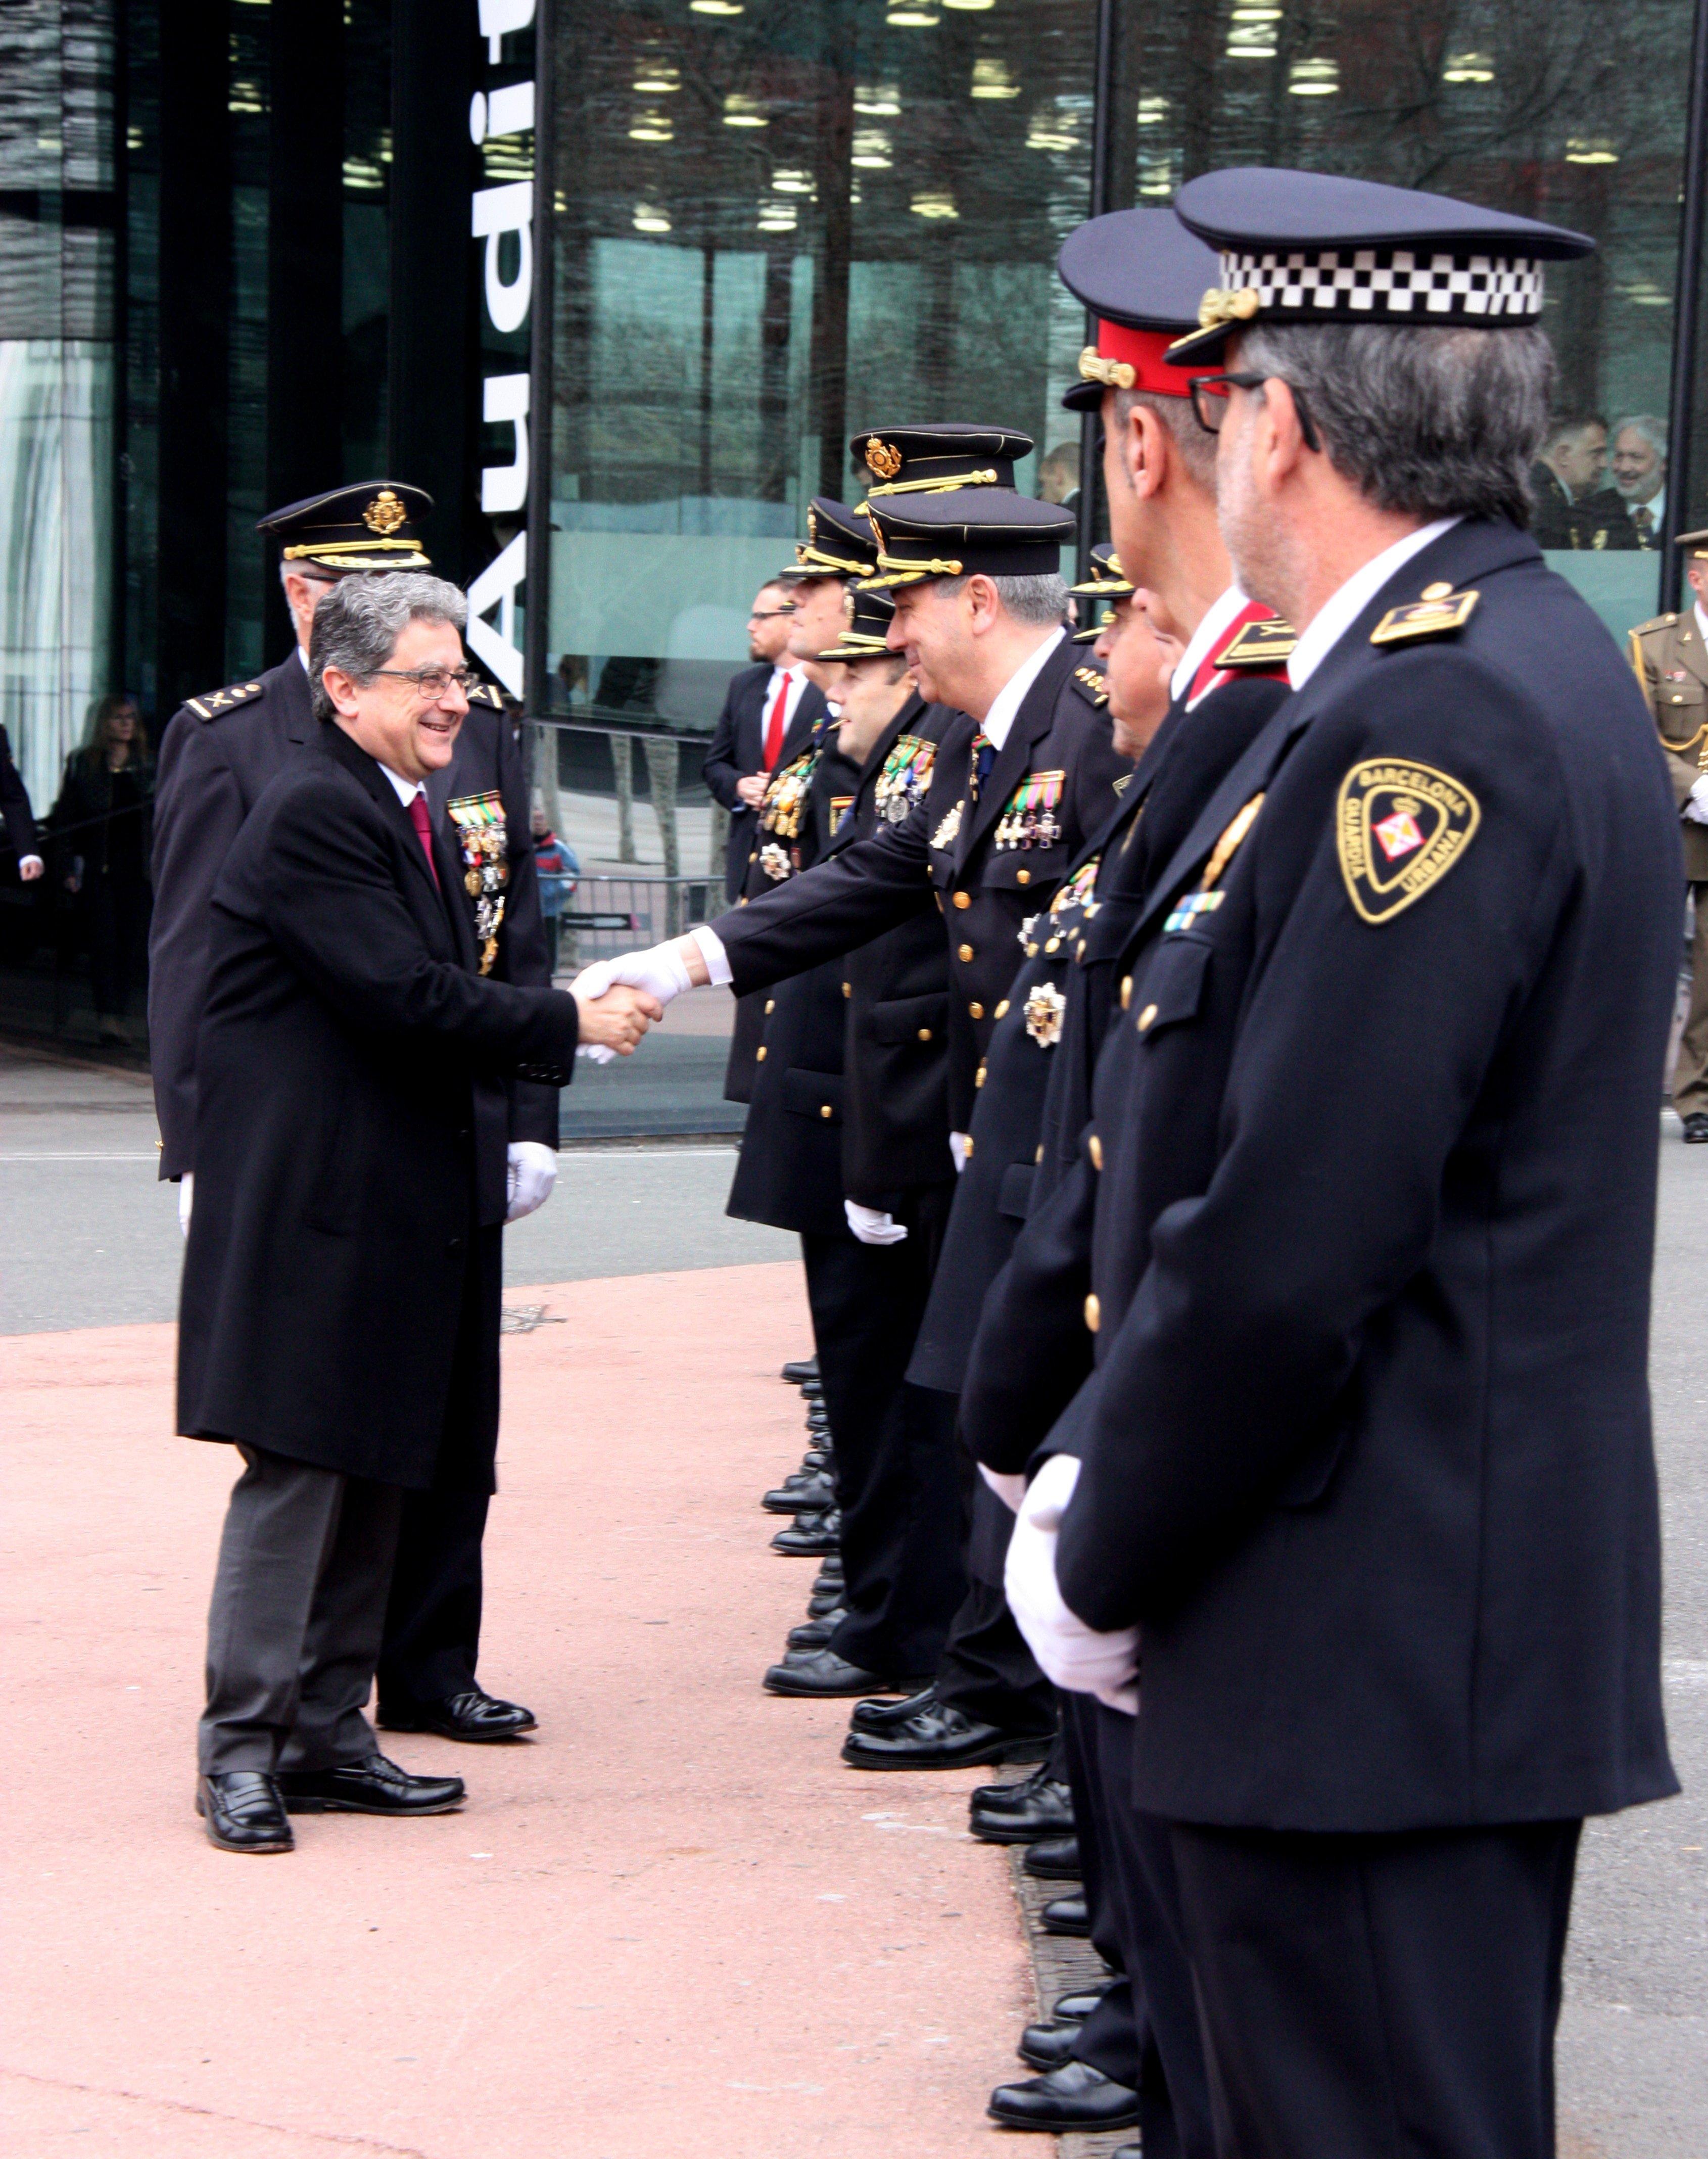 Enric Millo Policia - ACN